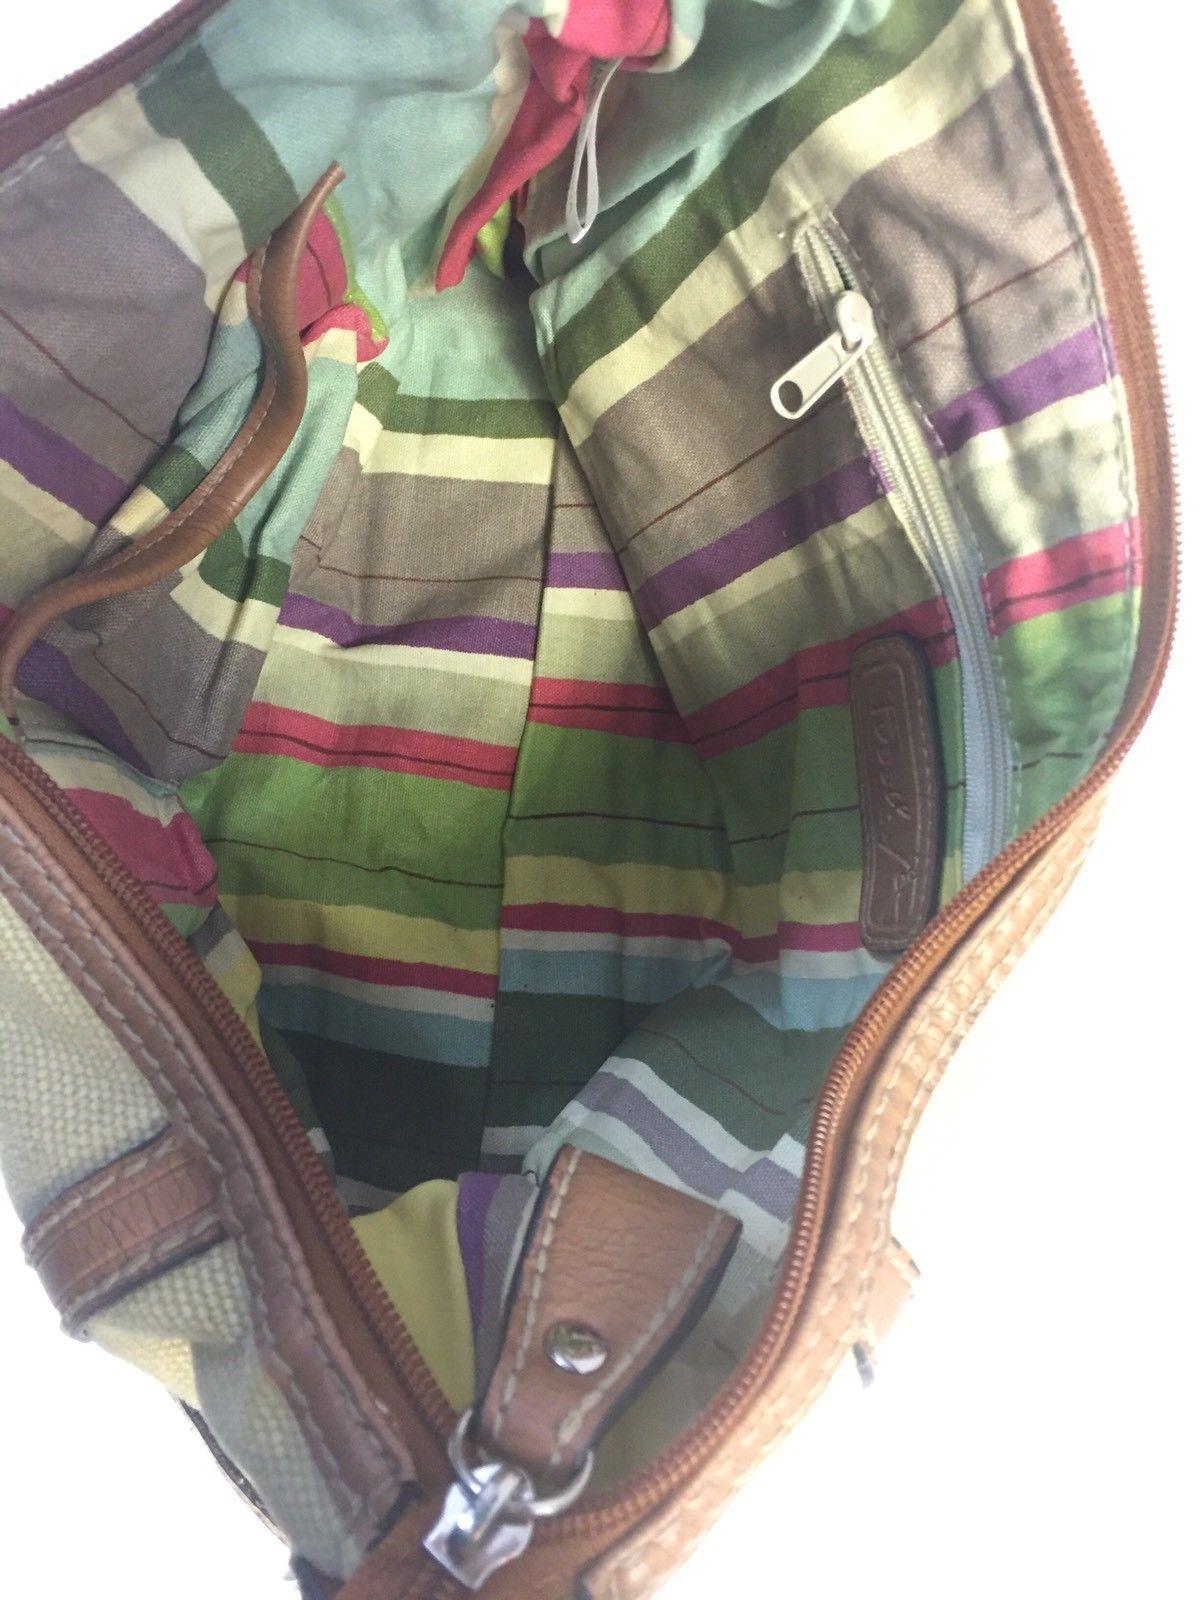 Fossil Modern Vintage Handbag Large Tan Beige Canvas Brown Leather Bag Purse Ebay